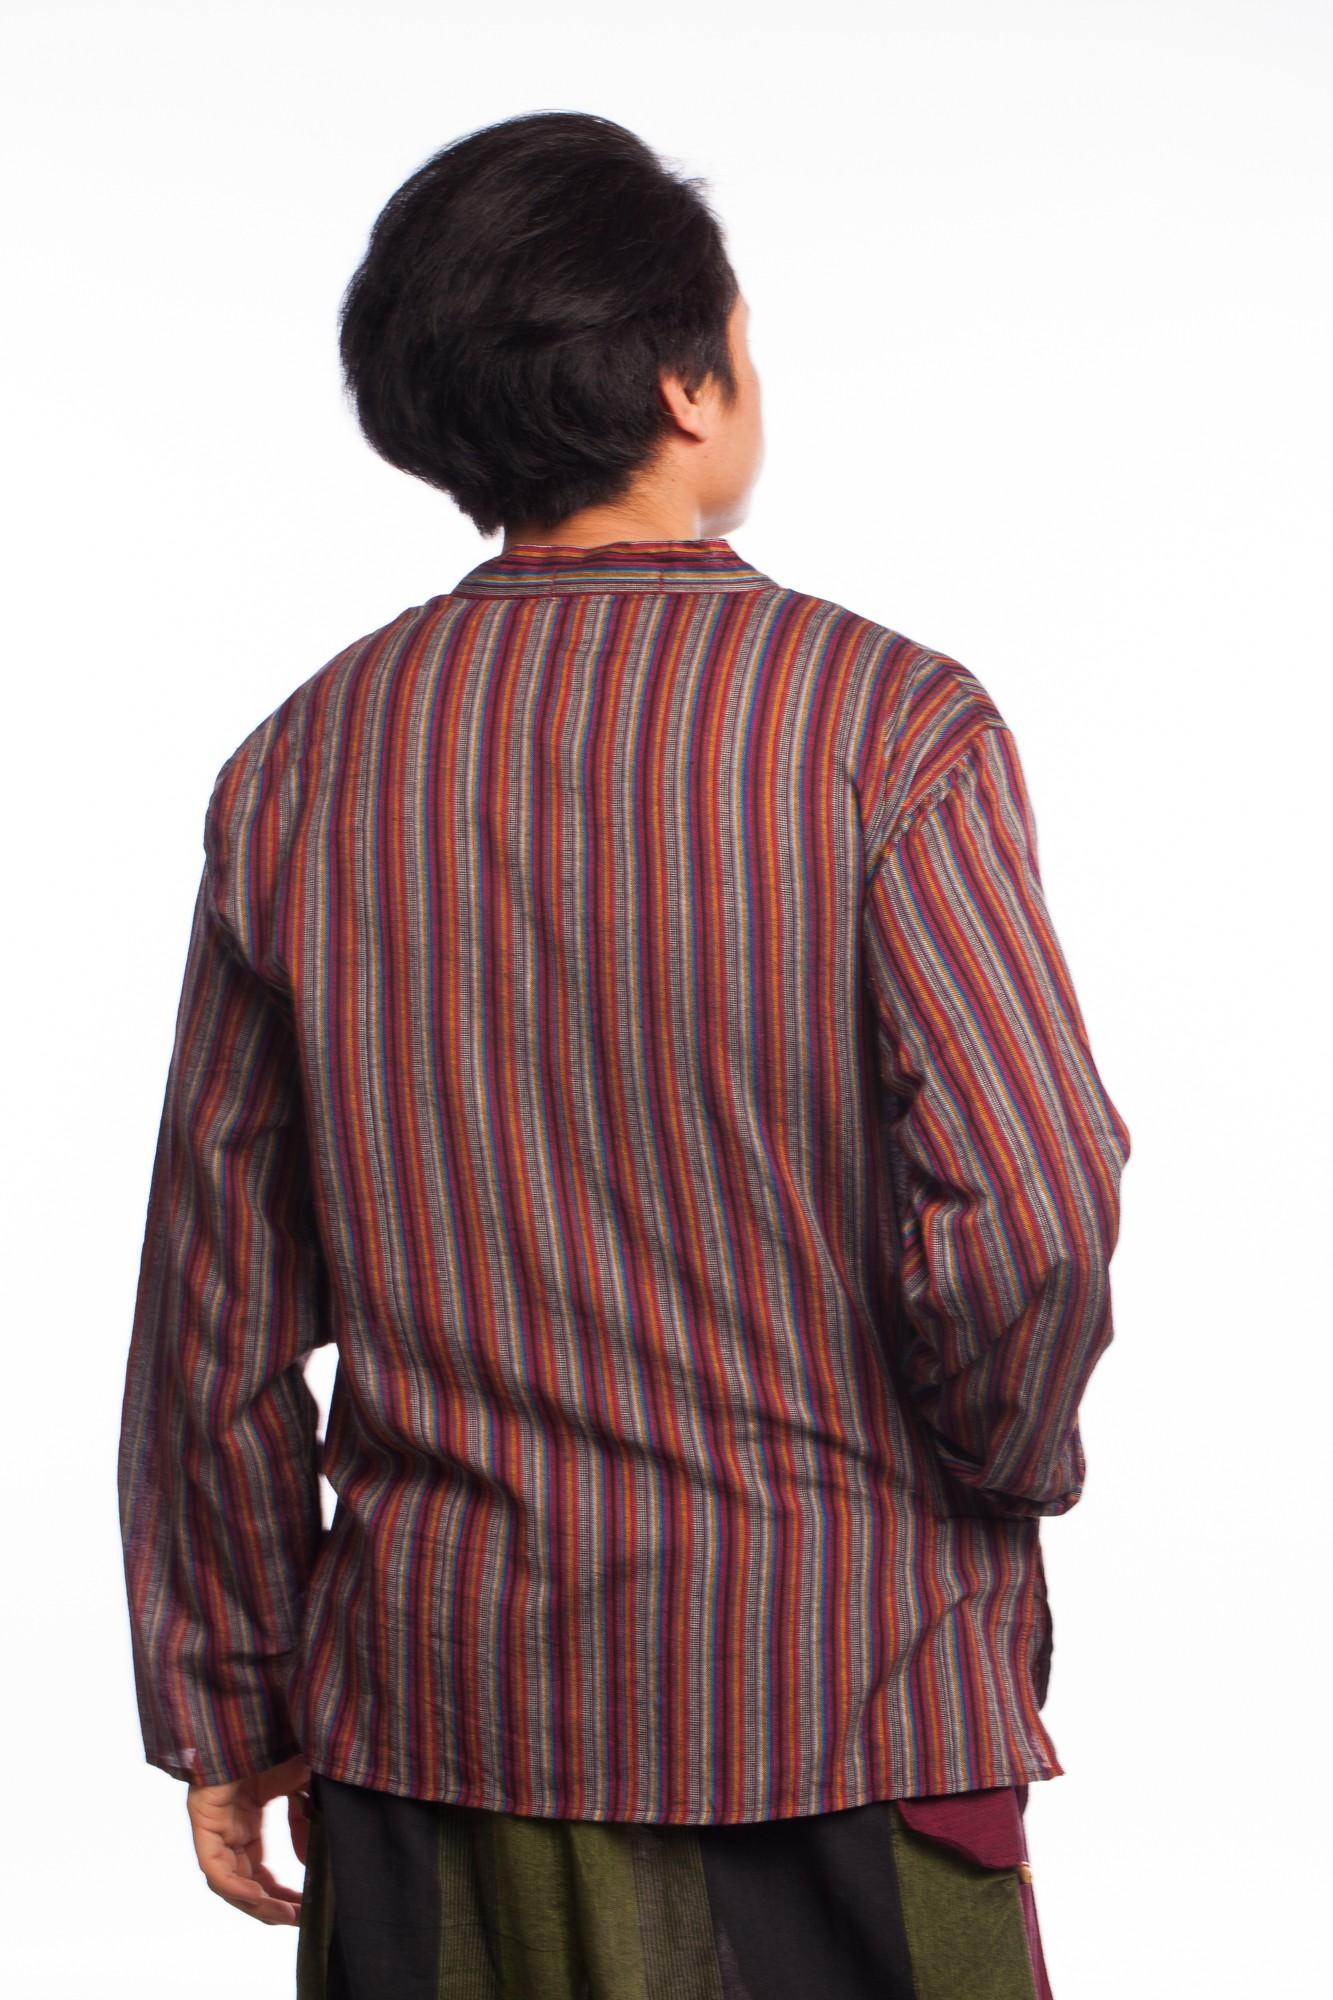 Bluza etnica cu dungi multicolore si maneca lunga